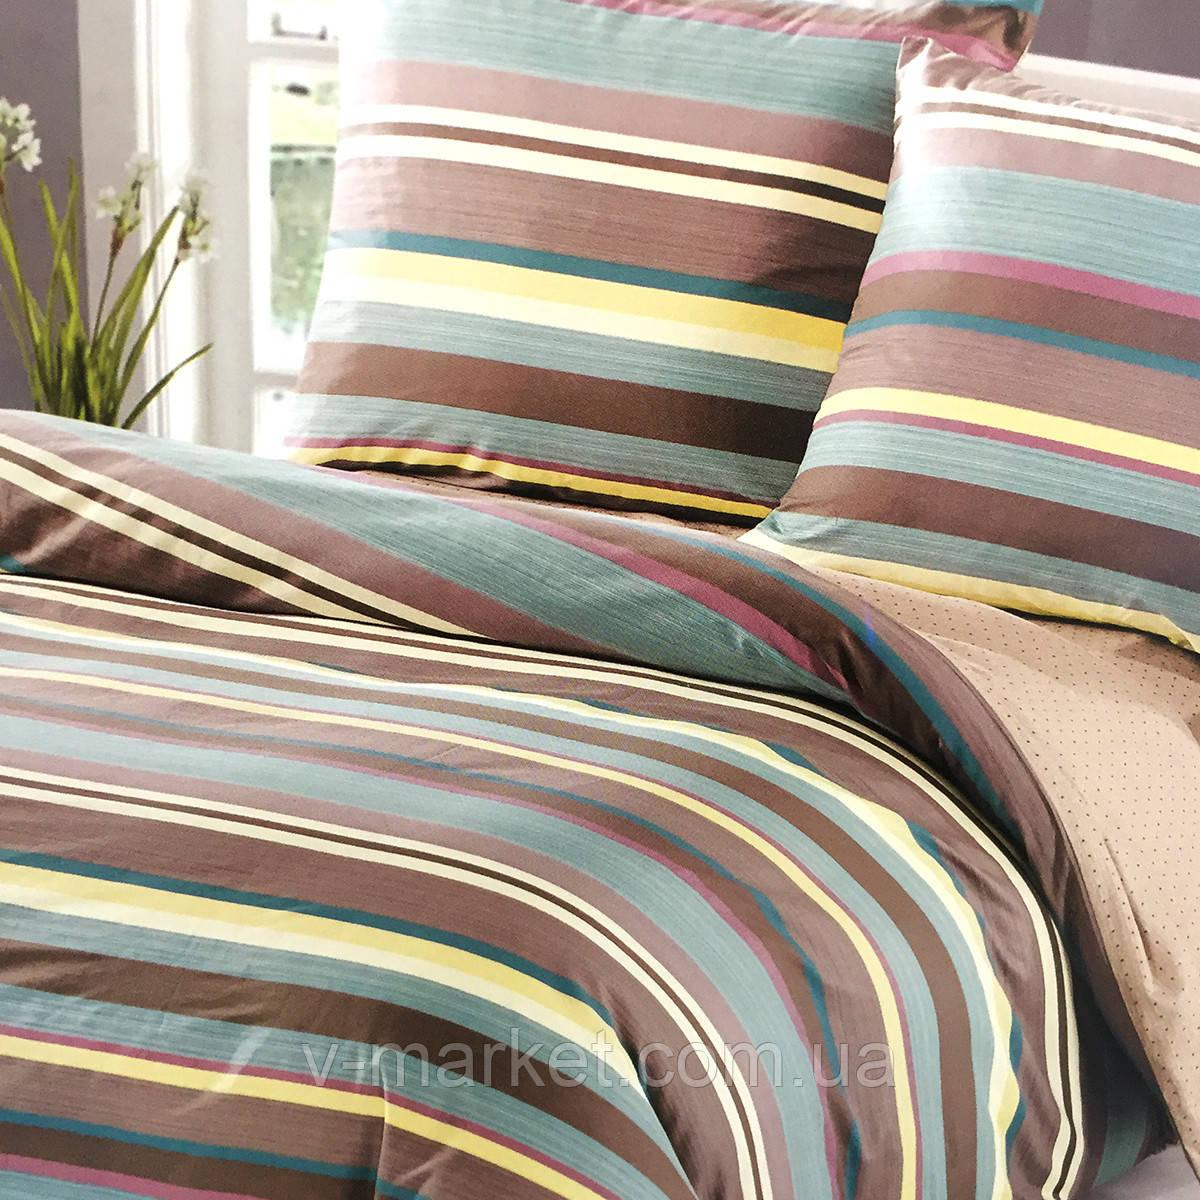 """Постельное белье """"Полоска"""" евро размер ELWAY (Польша), 200/220 см, ткань сатин (100% хлопок)."""